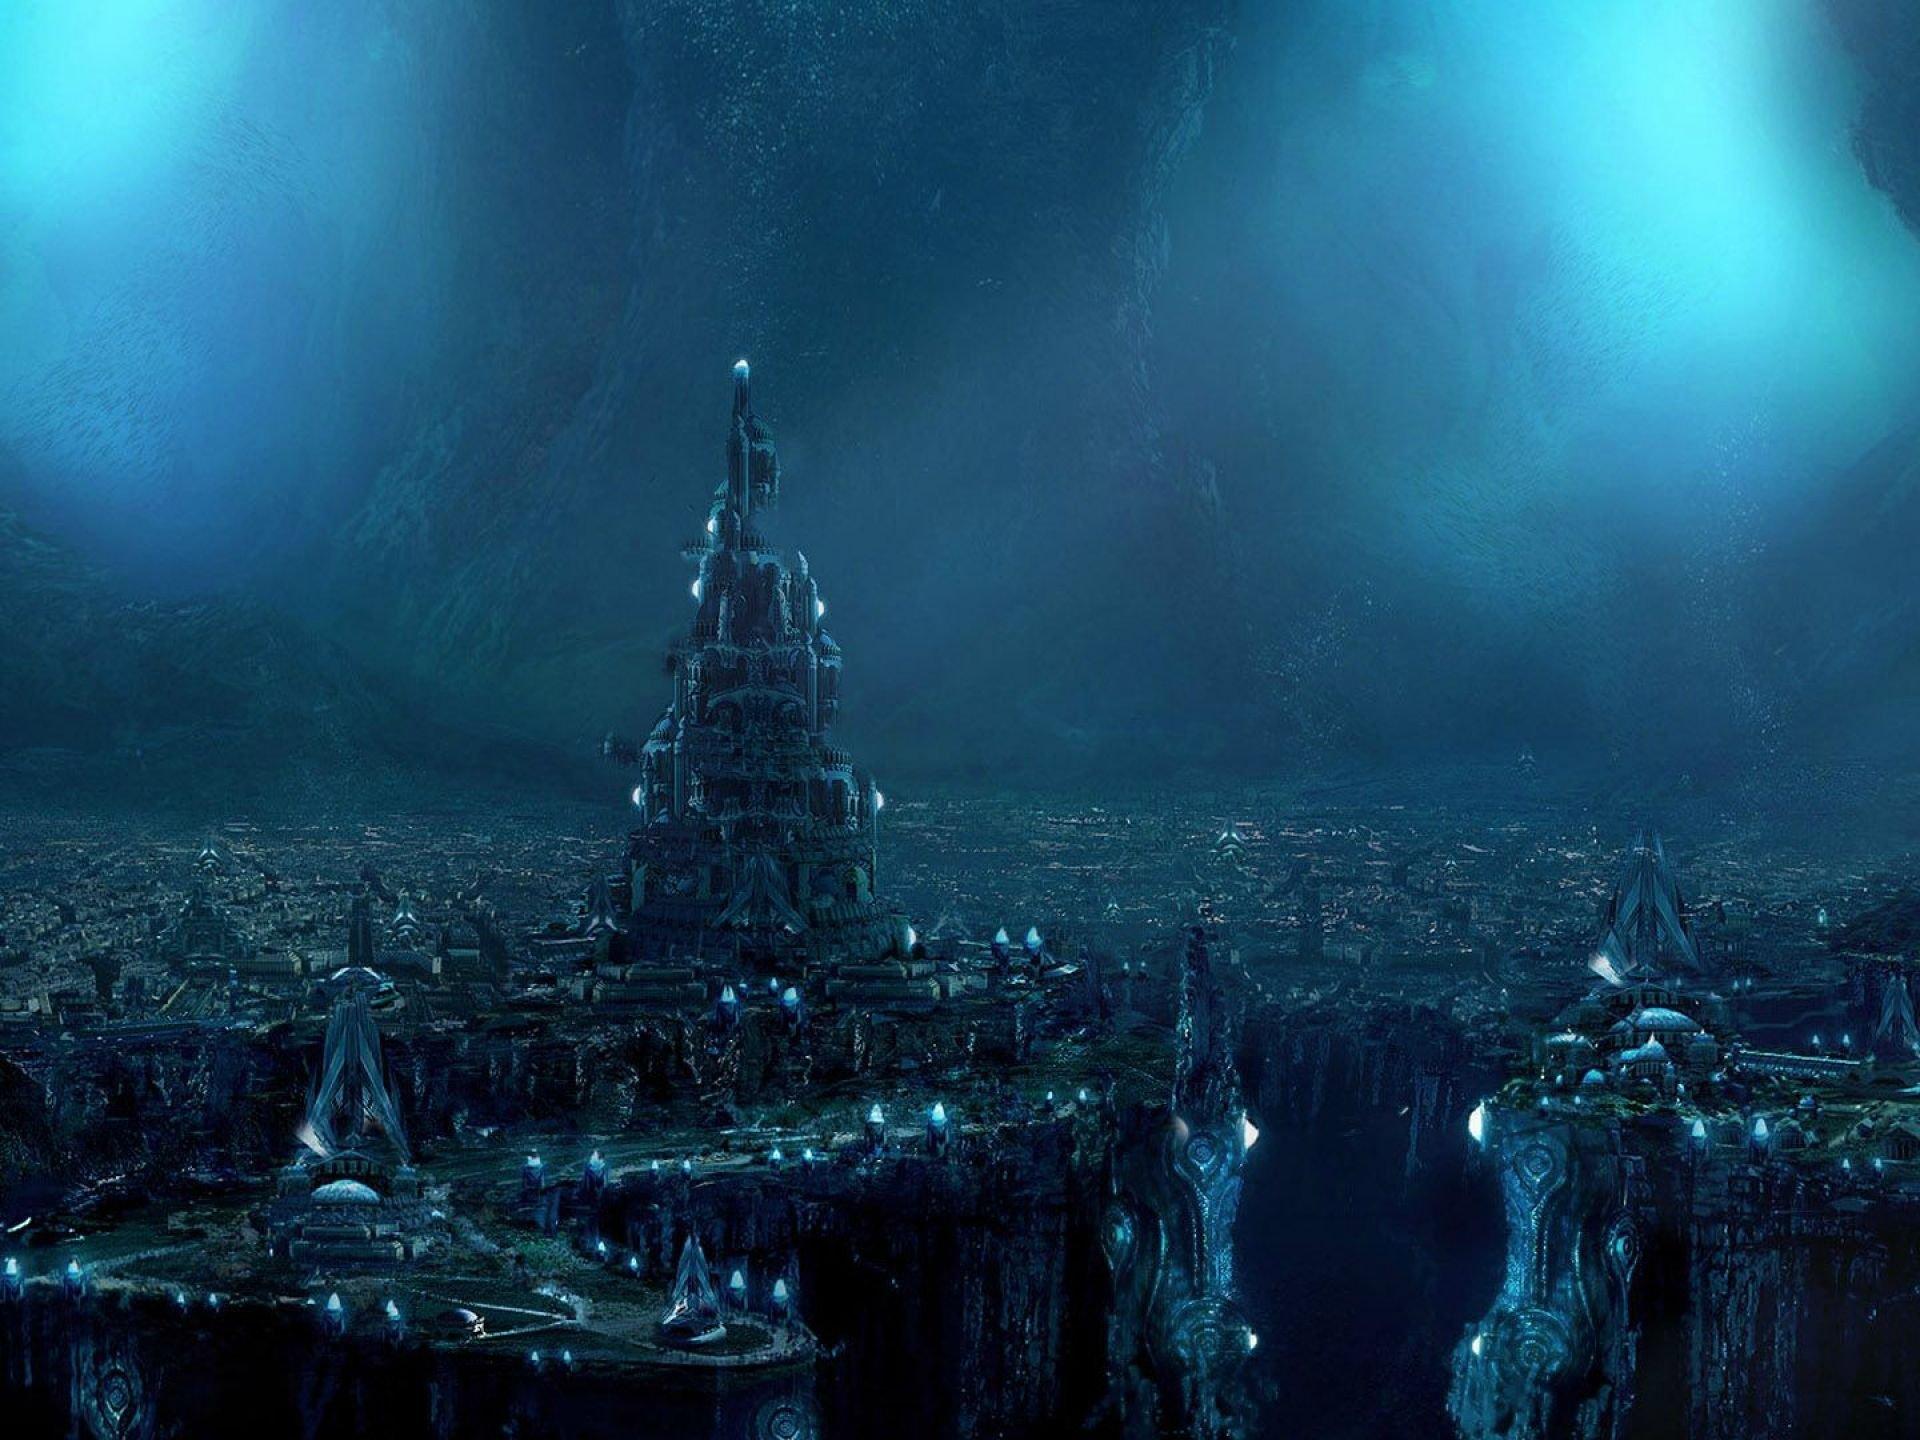 Futuristic City Rare Hd Wallpaper - Fantasy City Of The Dead - HD Wallpaper